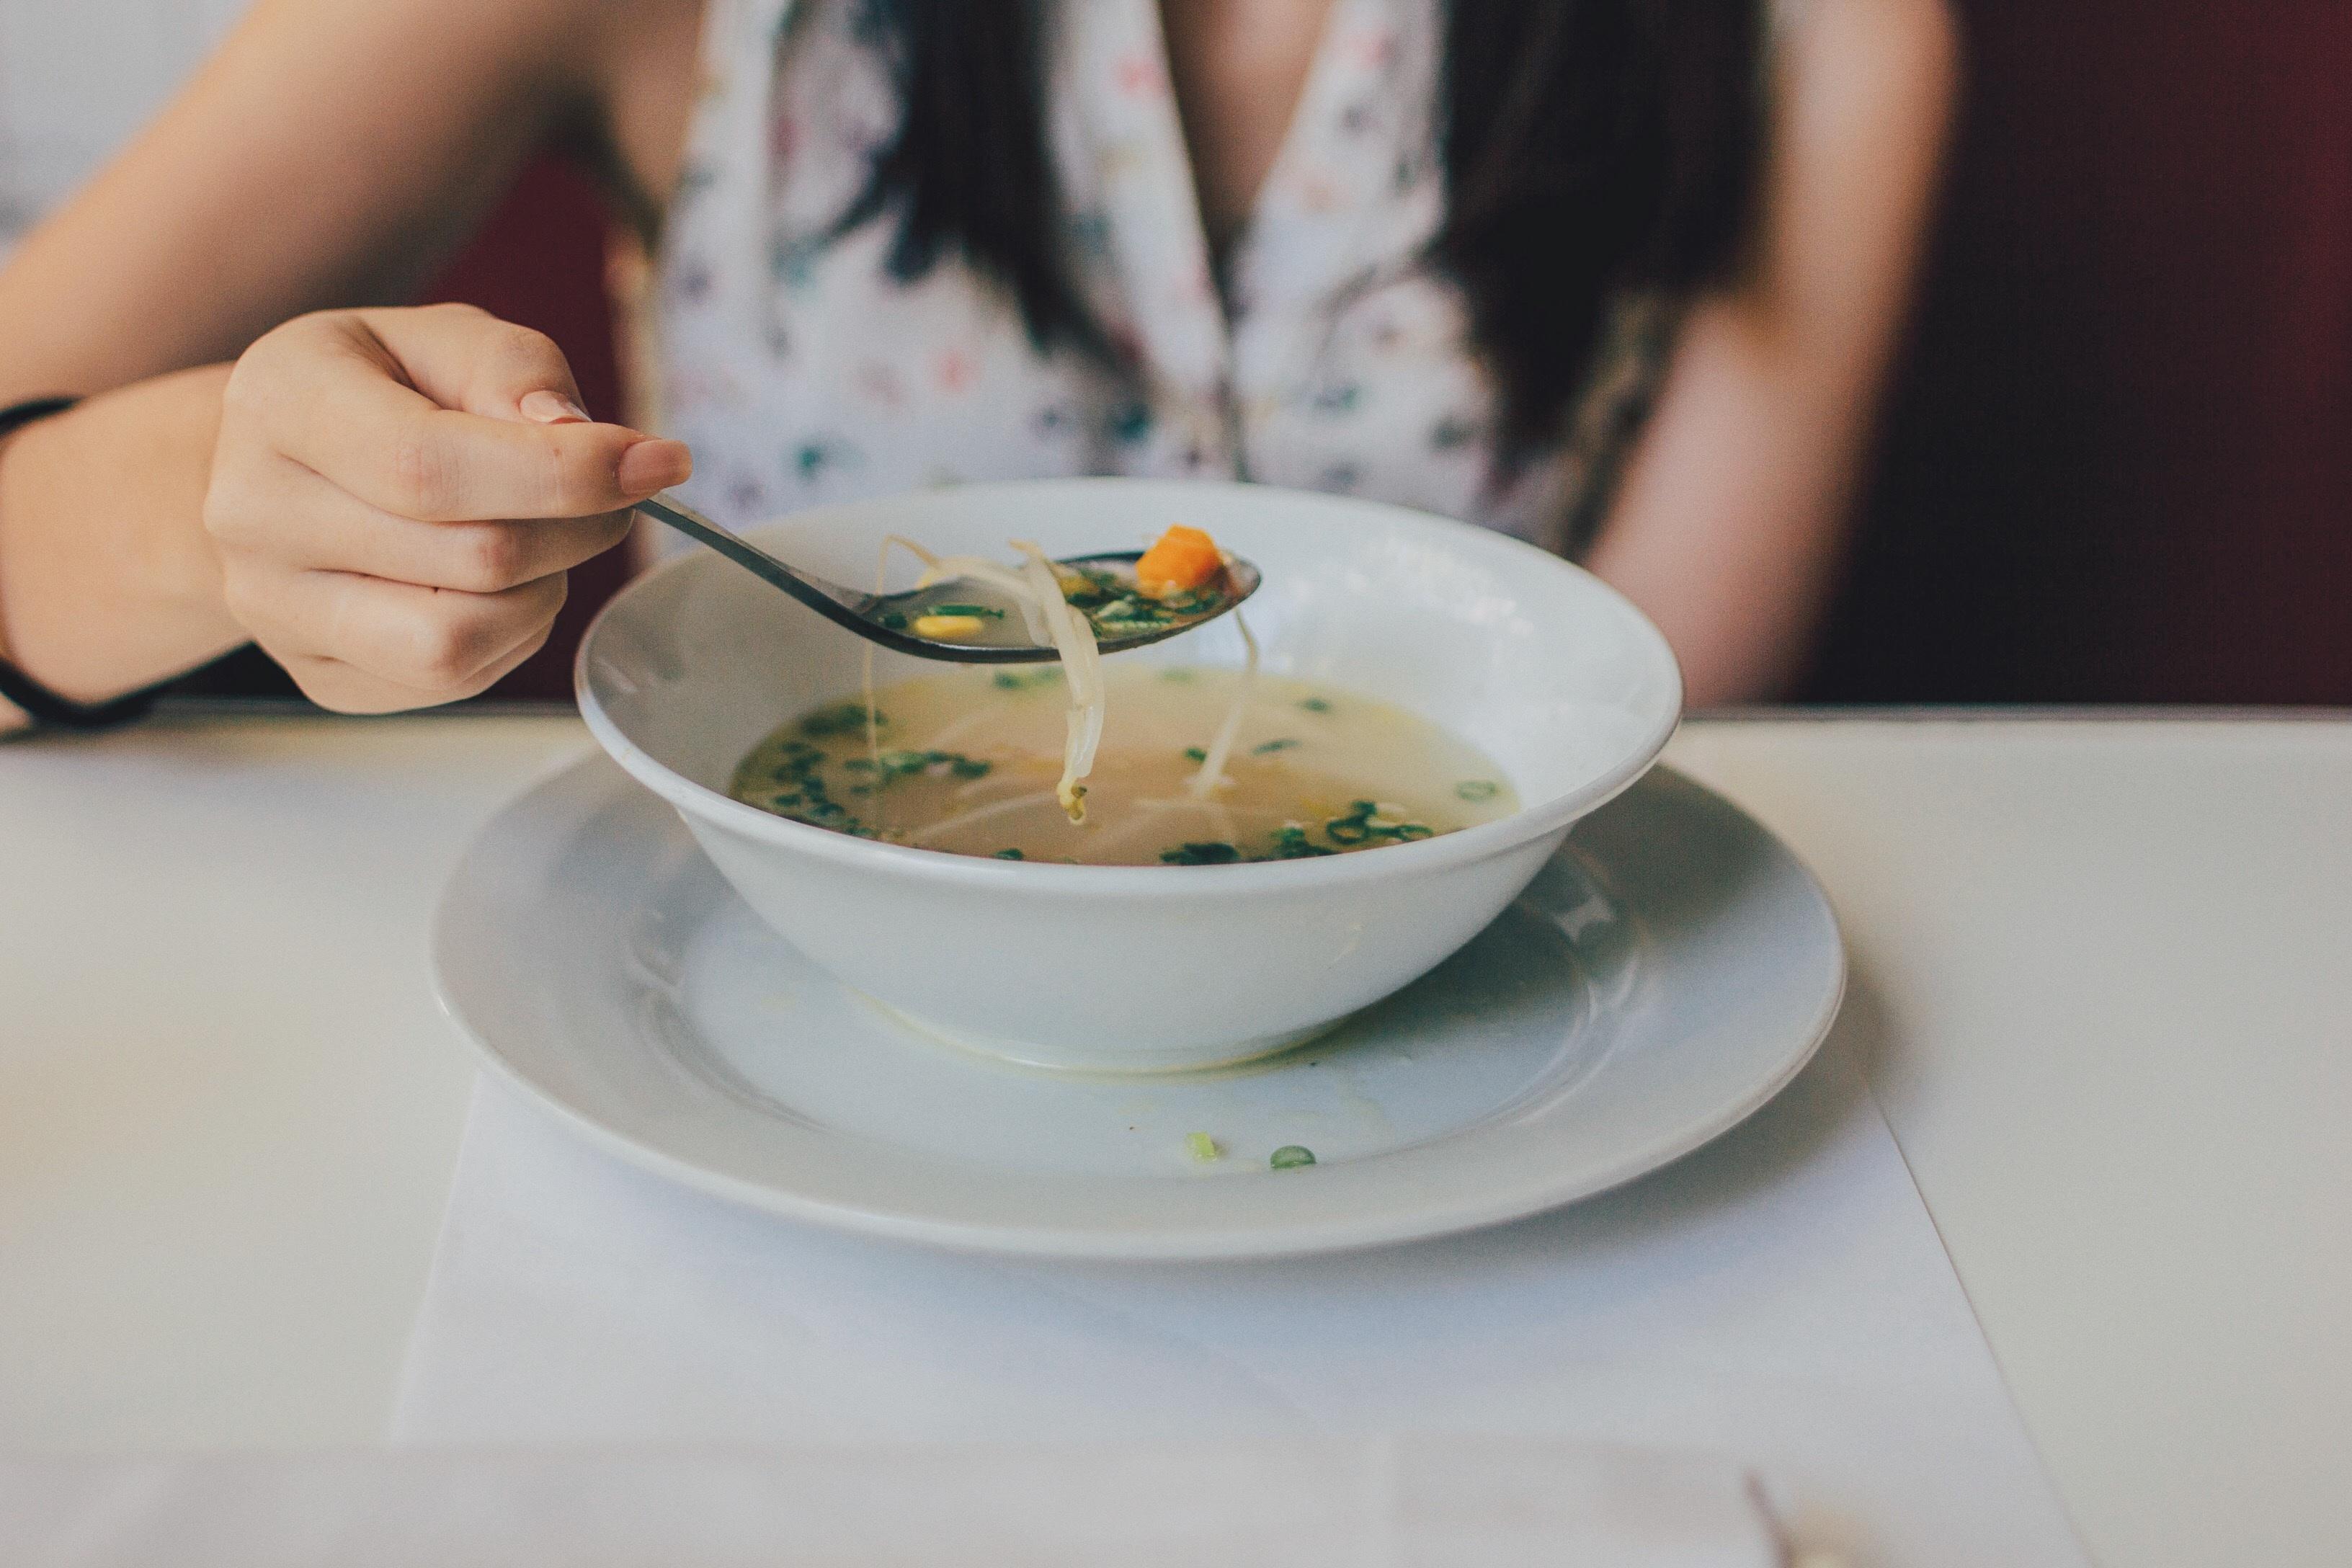 冬こそ挑戦したい。野菜スープダイエットで美ボディを手に入れよう!